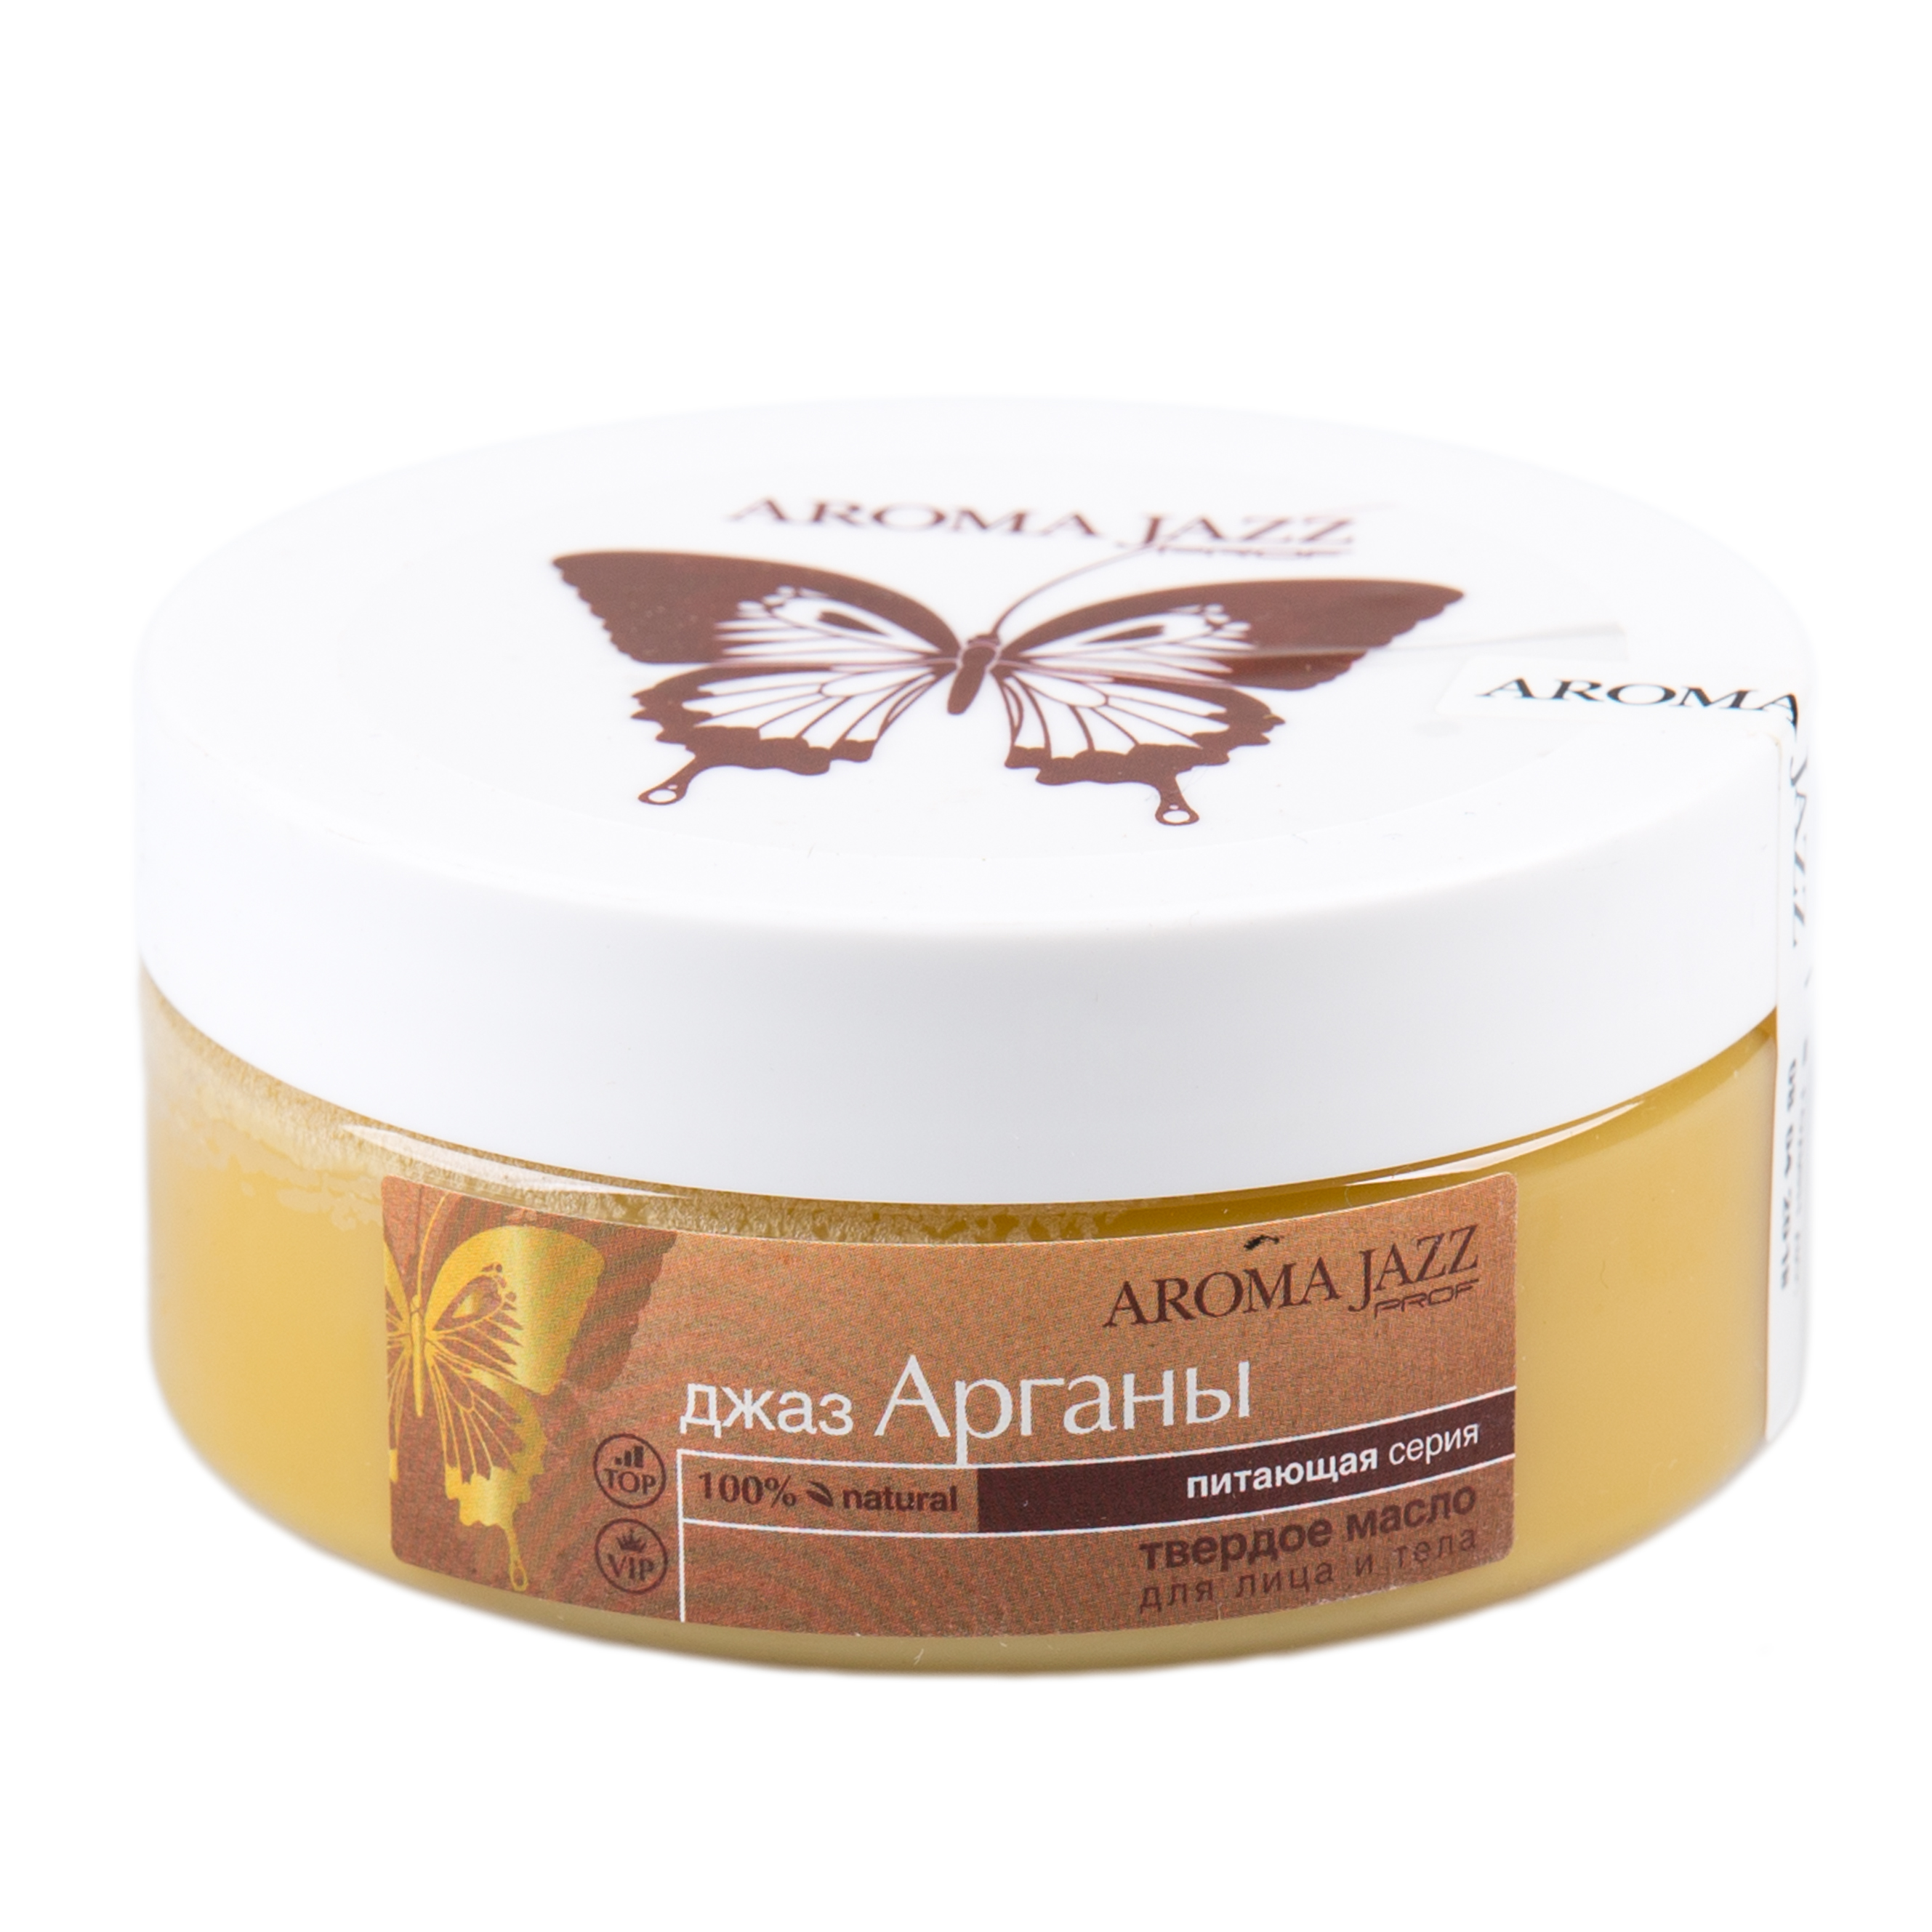 AROMA JAZZ Масло твердое Джаз арганы 150млМасла<br>Твердое масло для лица и тела. Питающая серия Действие: масло способствует восстановлению всех функций кожи, обеспечивает интенсивное питание и естественную защиту кожи лица и тела, улучшает структуру и качество кожи Активные ингредиенты: масла кокоса, какао, оливы, авокадо; фруктовая эссенция фейхоа, пчелиный воск, серум арганы. Способ применения: рекомендовано для проведения любого вида массажа,увлажнения и питания кожи после душа, горячих ванн и SPA-процедур в салоне и дома; великолепно в антицеллюлитных обертываниях; рекомендуется использовать одноразовое белье. Противопоказания: индивидуальная непереносимость компонентов<br><br>Консистенция: Твердая